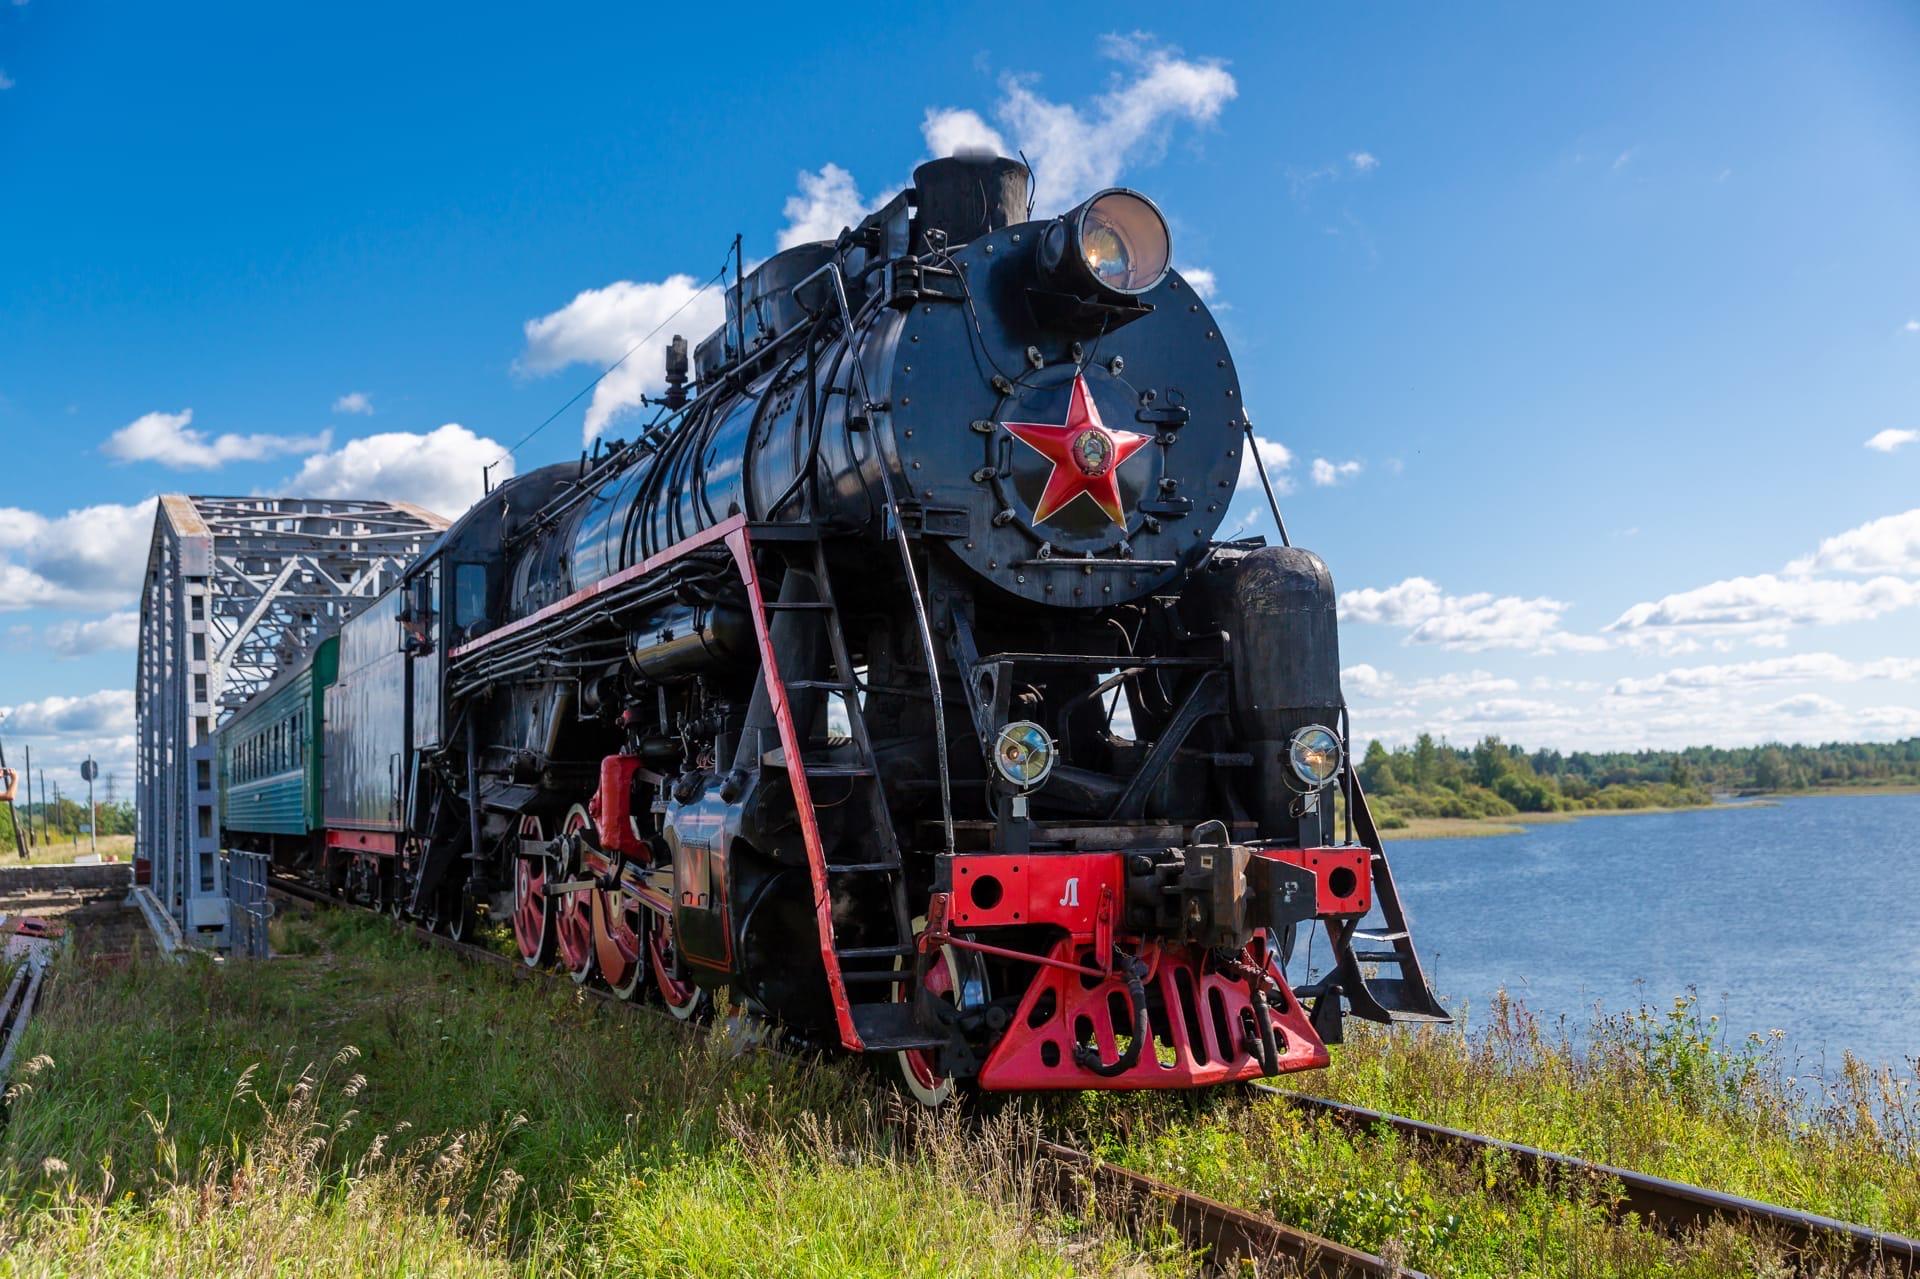 Информация об отмене ретропоезда в Тверской области оказалась фейком